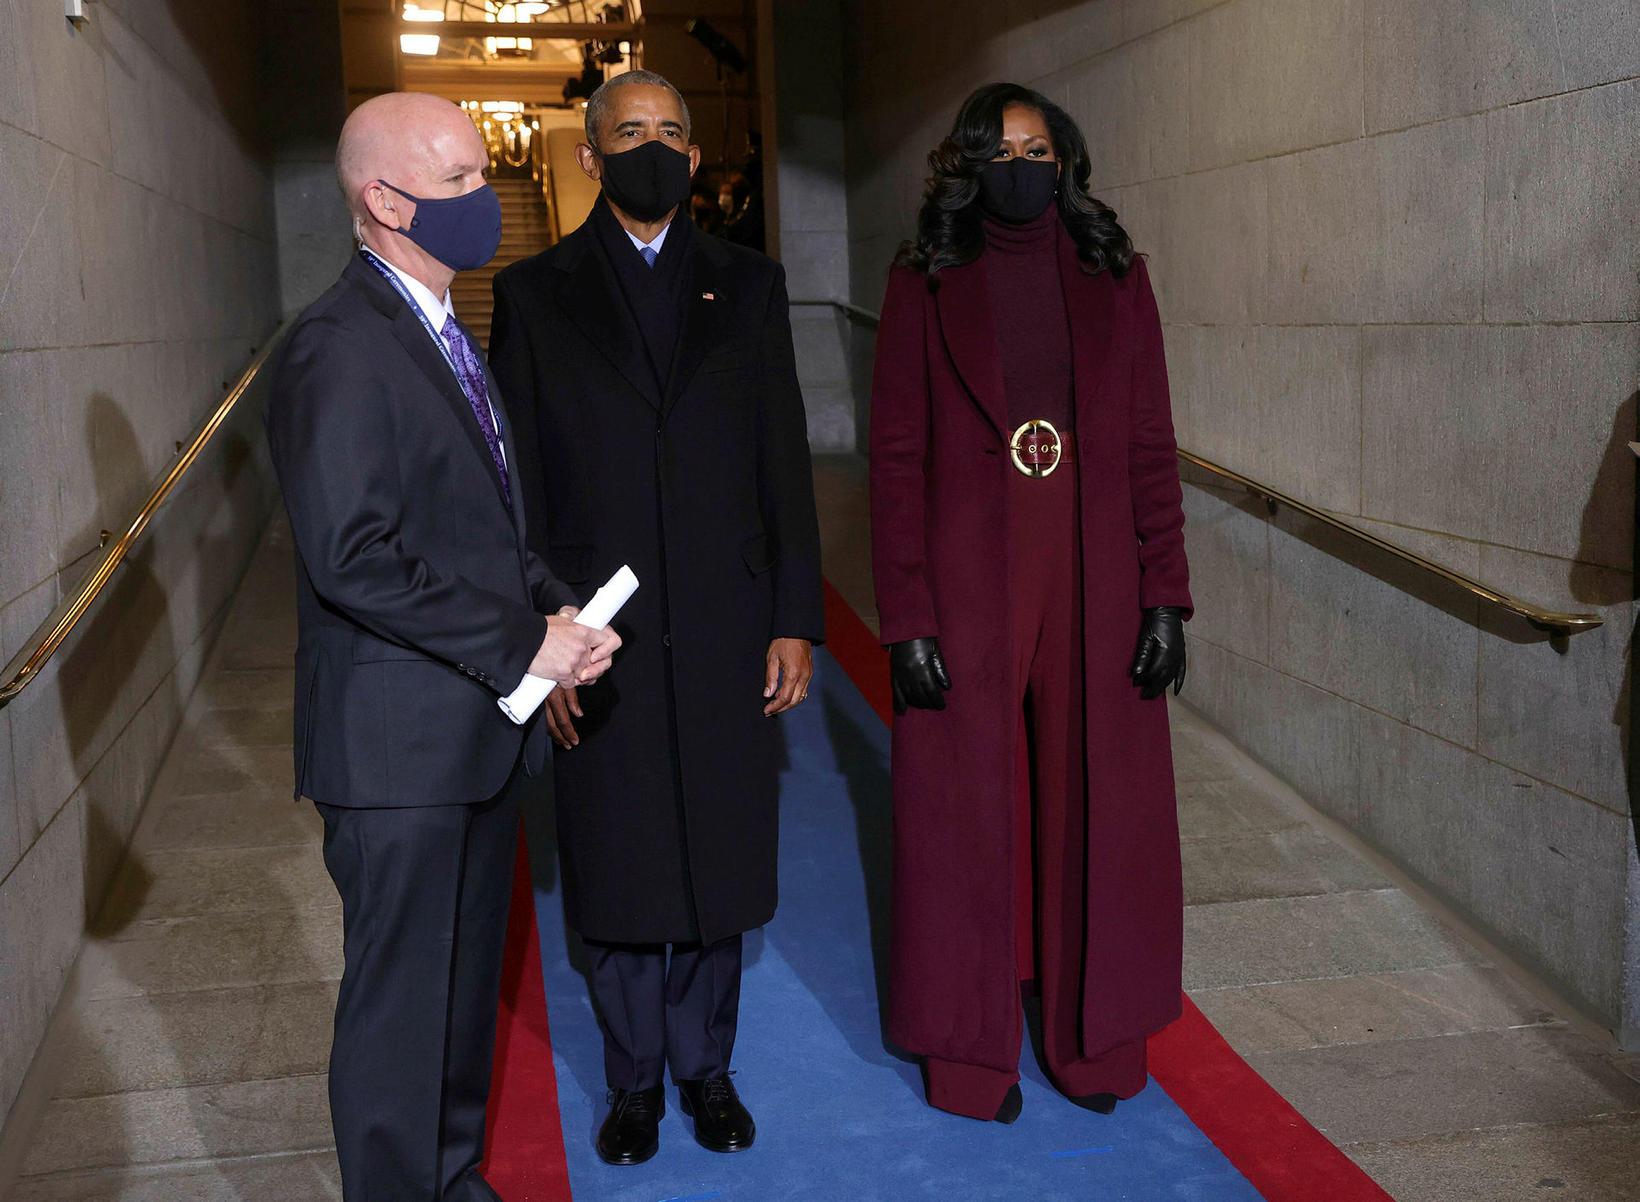 Michelle Obama ásamt eiginmanni sínum, fyrrverandi forsetanum Barack Obama.